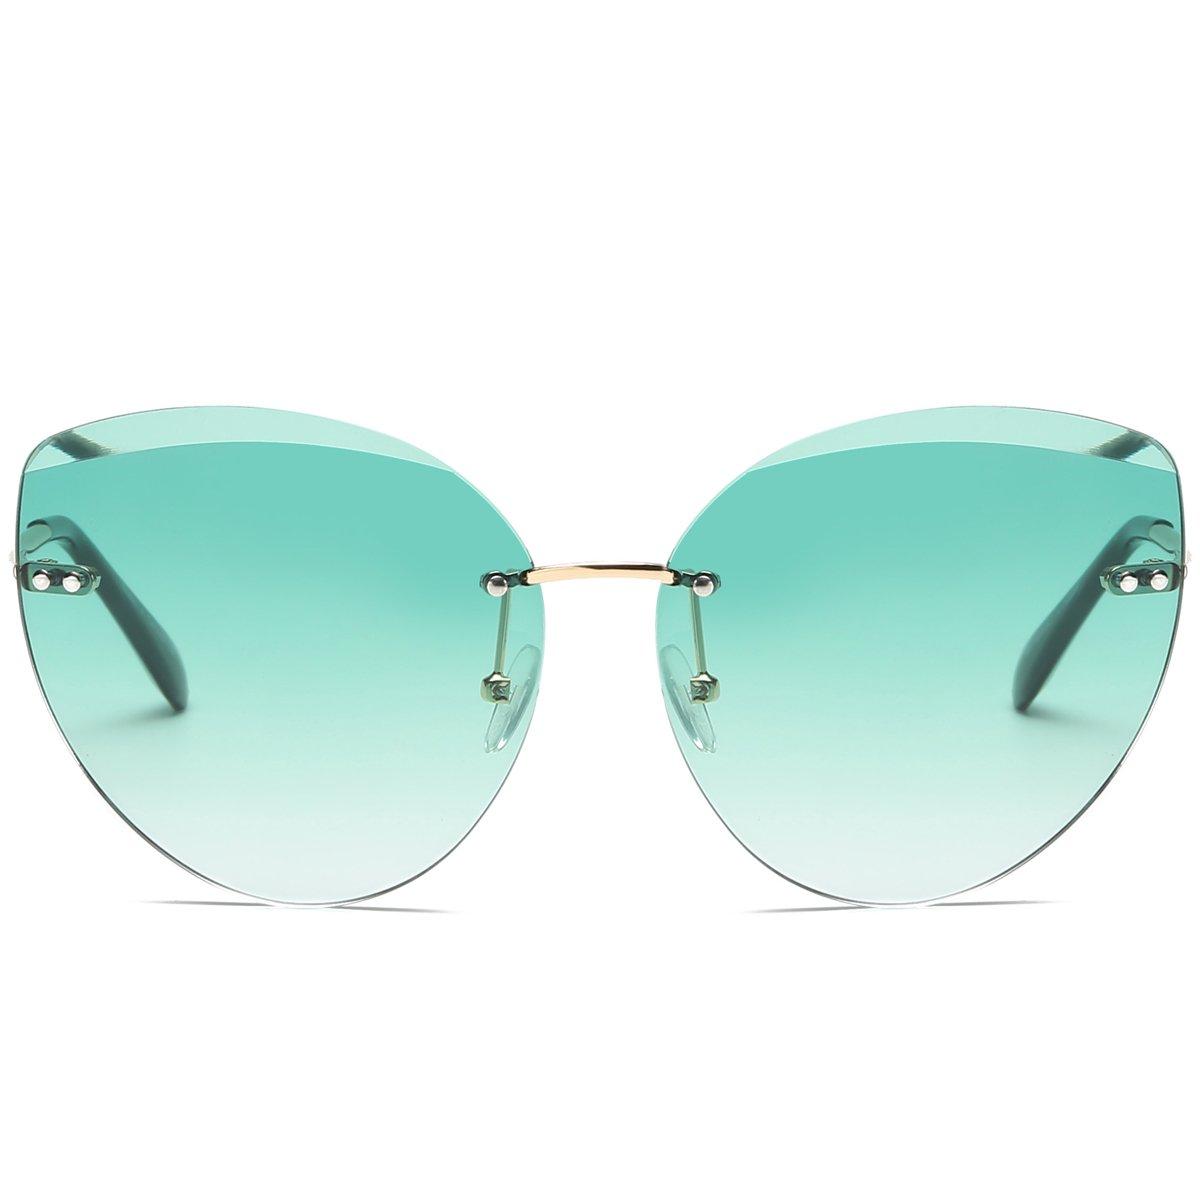 Rimless Cat Eye Sunglasses for Women, Summer Trendy One Piece Mirror Reflective Eyeglasses for Men (Light Green)